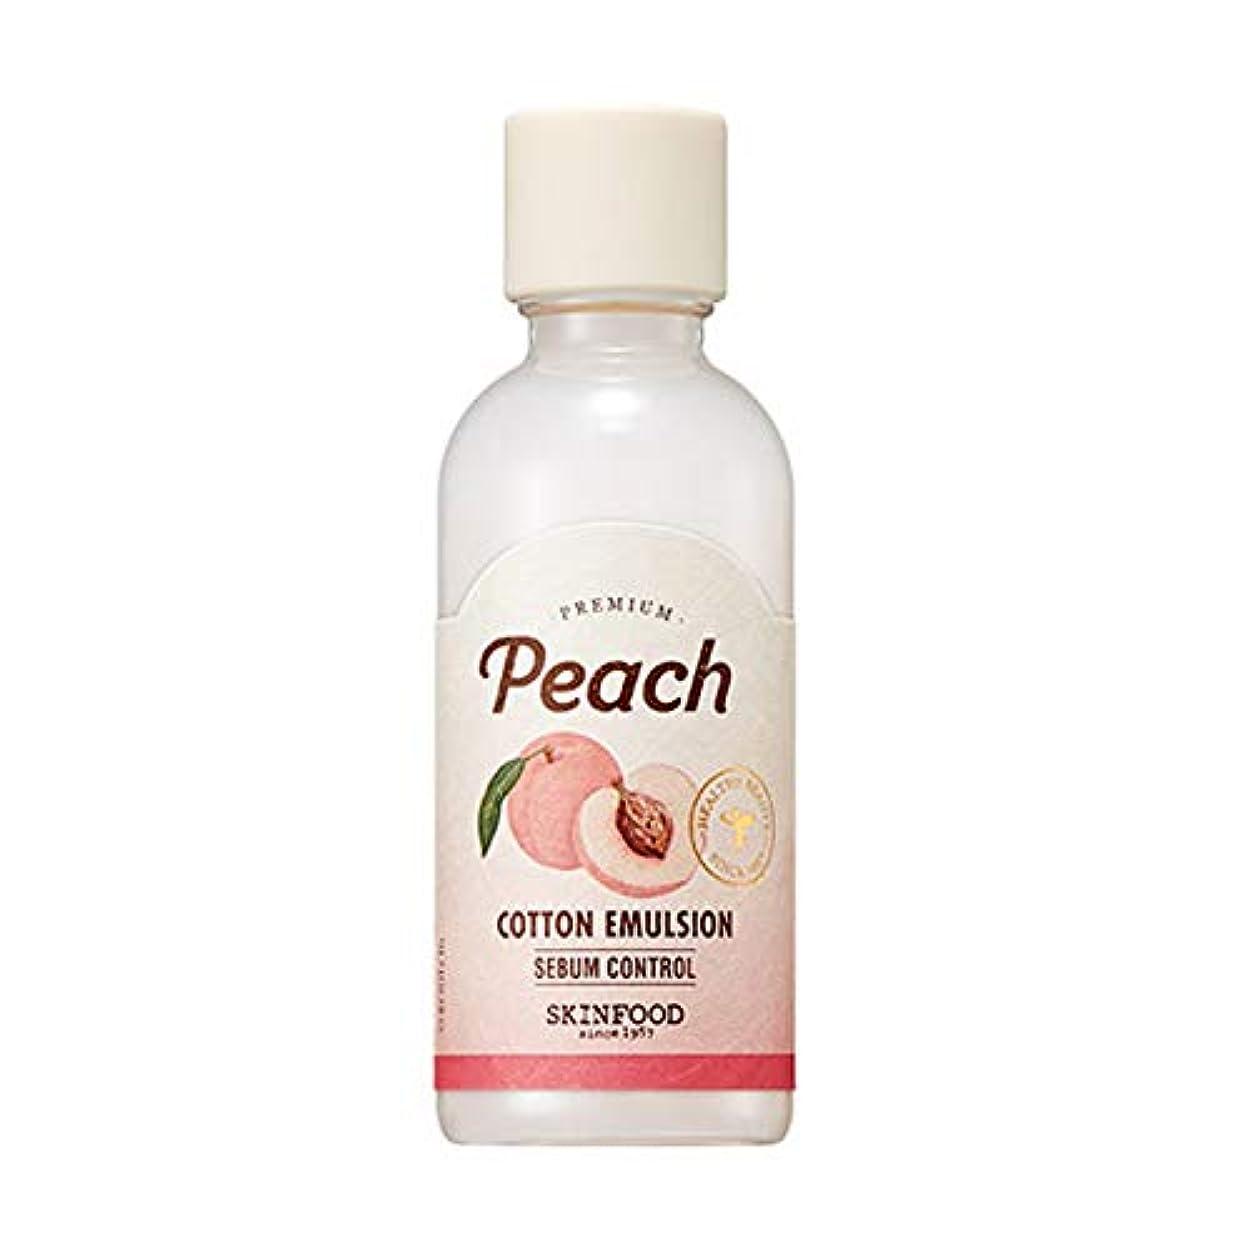 中絶夫婦疑問に思うSkinfood プレミアムピーチコットンエマルジョン/Premium Peach Cotton Emulsion 160ml [並行輸入品]